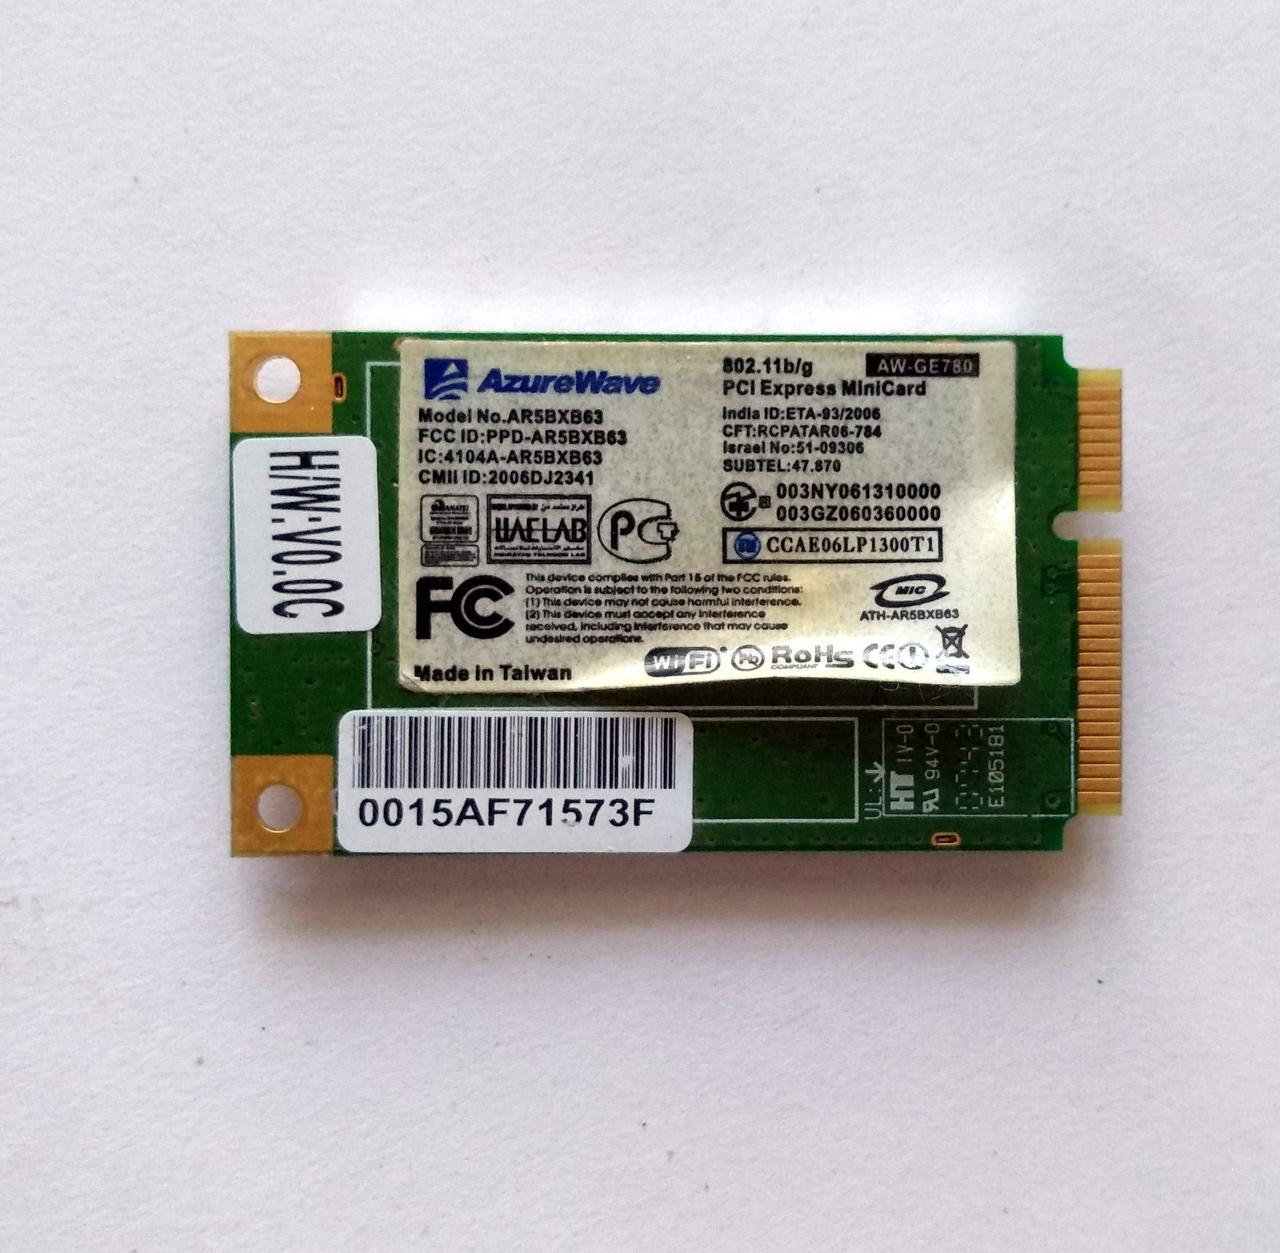 434 Wi-Fi Atheros AR5BXB63 AR5007EG AW-GE780 802.11 b/g mini PCI-Express 54 Mbps для ноутбука